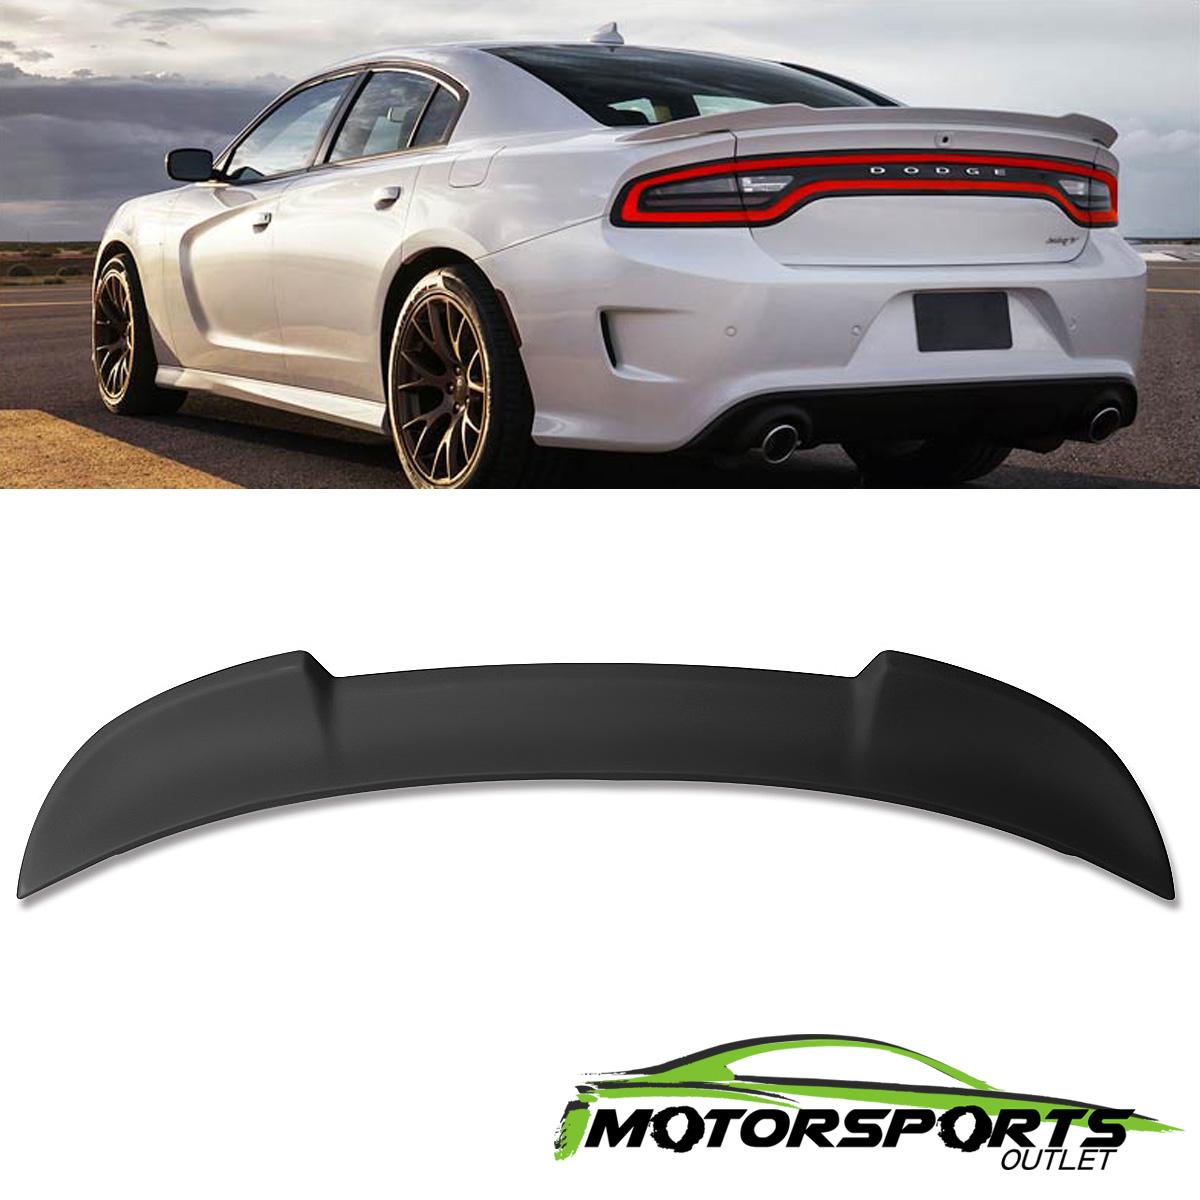 Dodge Charger SRT8 Hellcat Sedan Stock RT Type Tail Trunk Spoiler Wing For 2017